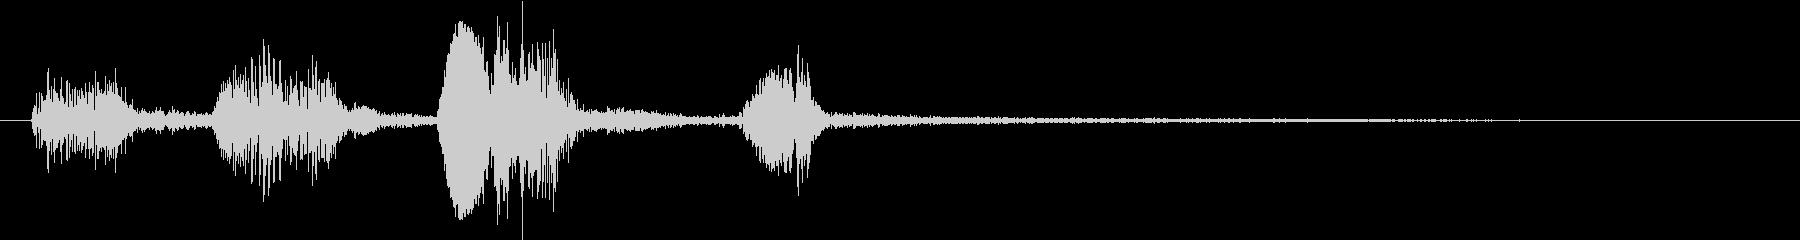 モンスターの鳴き声(水棲系1)の未再生の波形